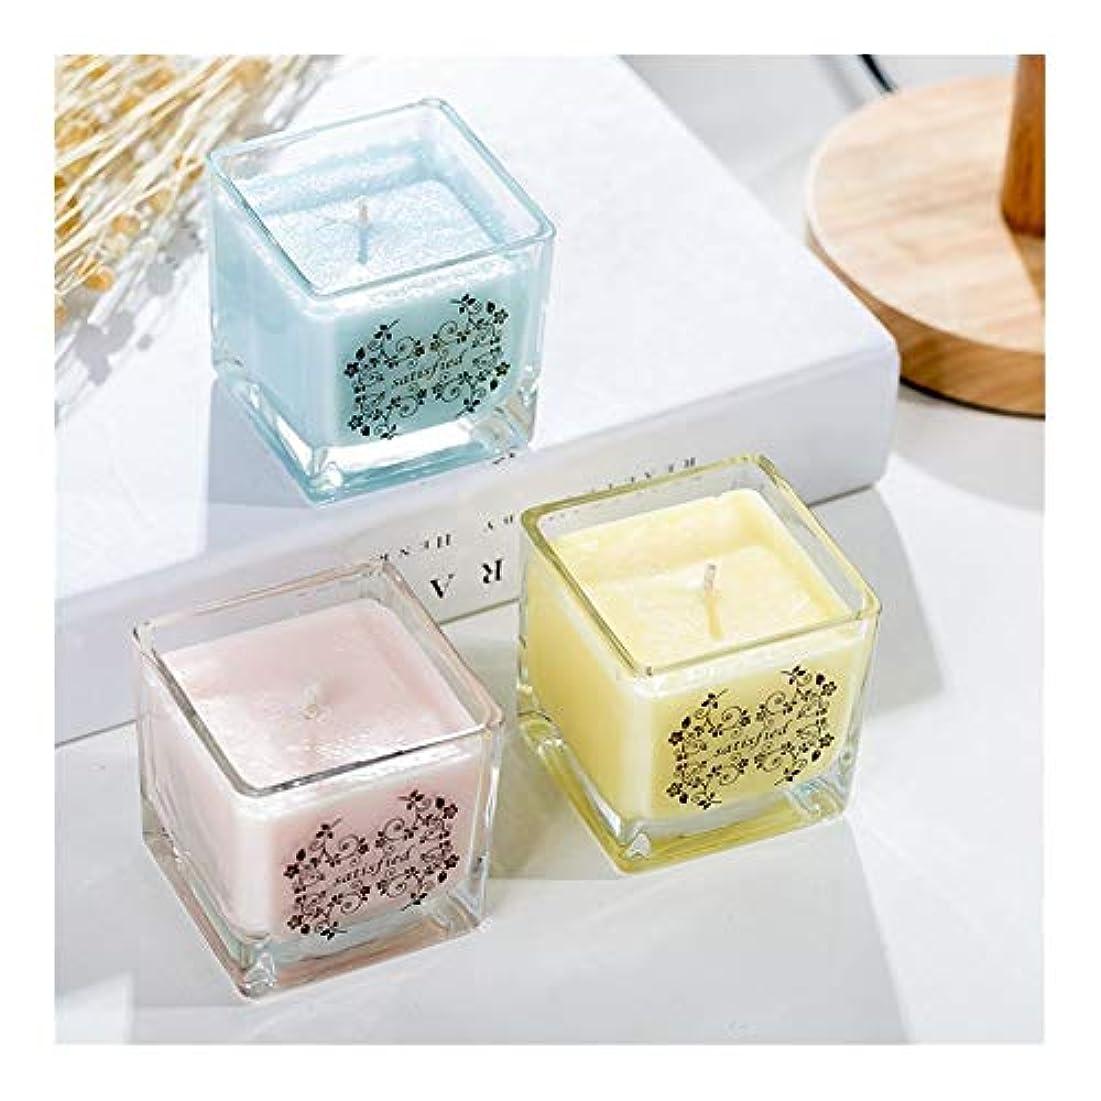 松の木忙しい配分Ztian 正方形の無煙ガラスの大豆の香料入りの蝋燭の屋内新鮮な空気のラベンダーの香り (色 : Blackberries)